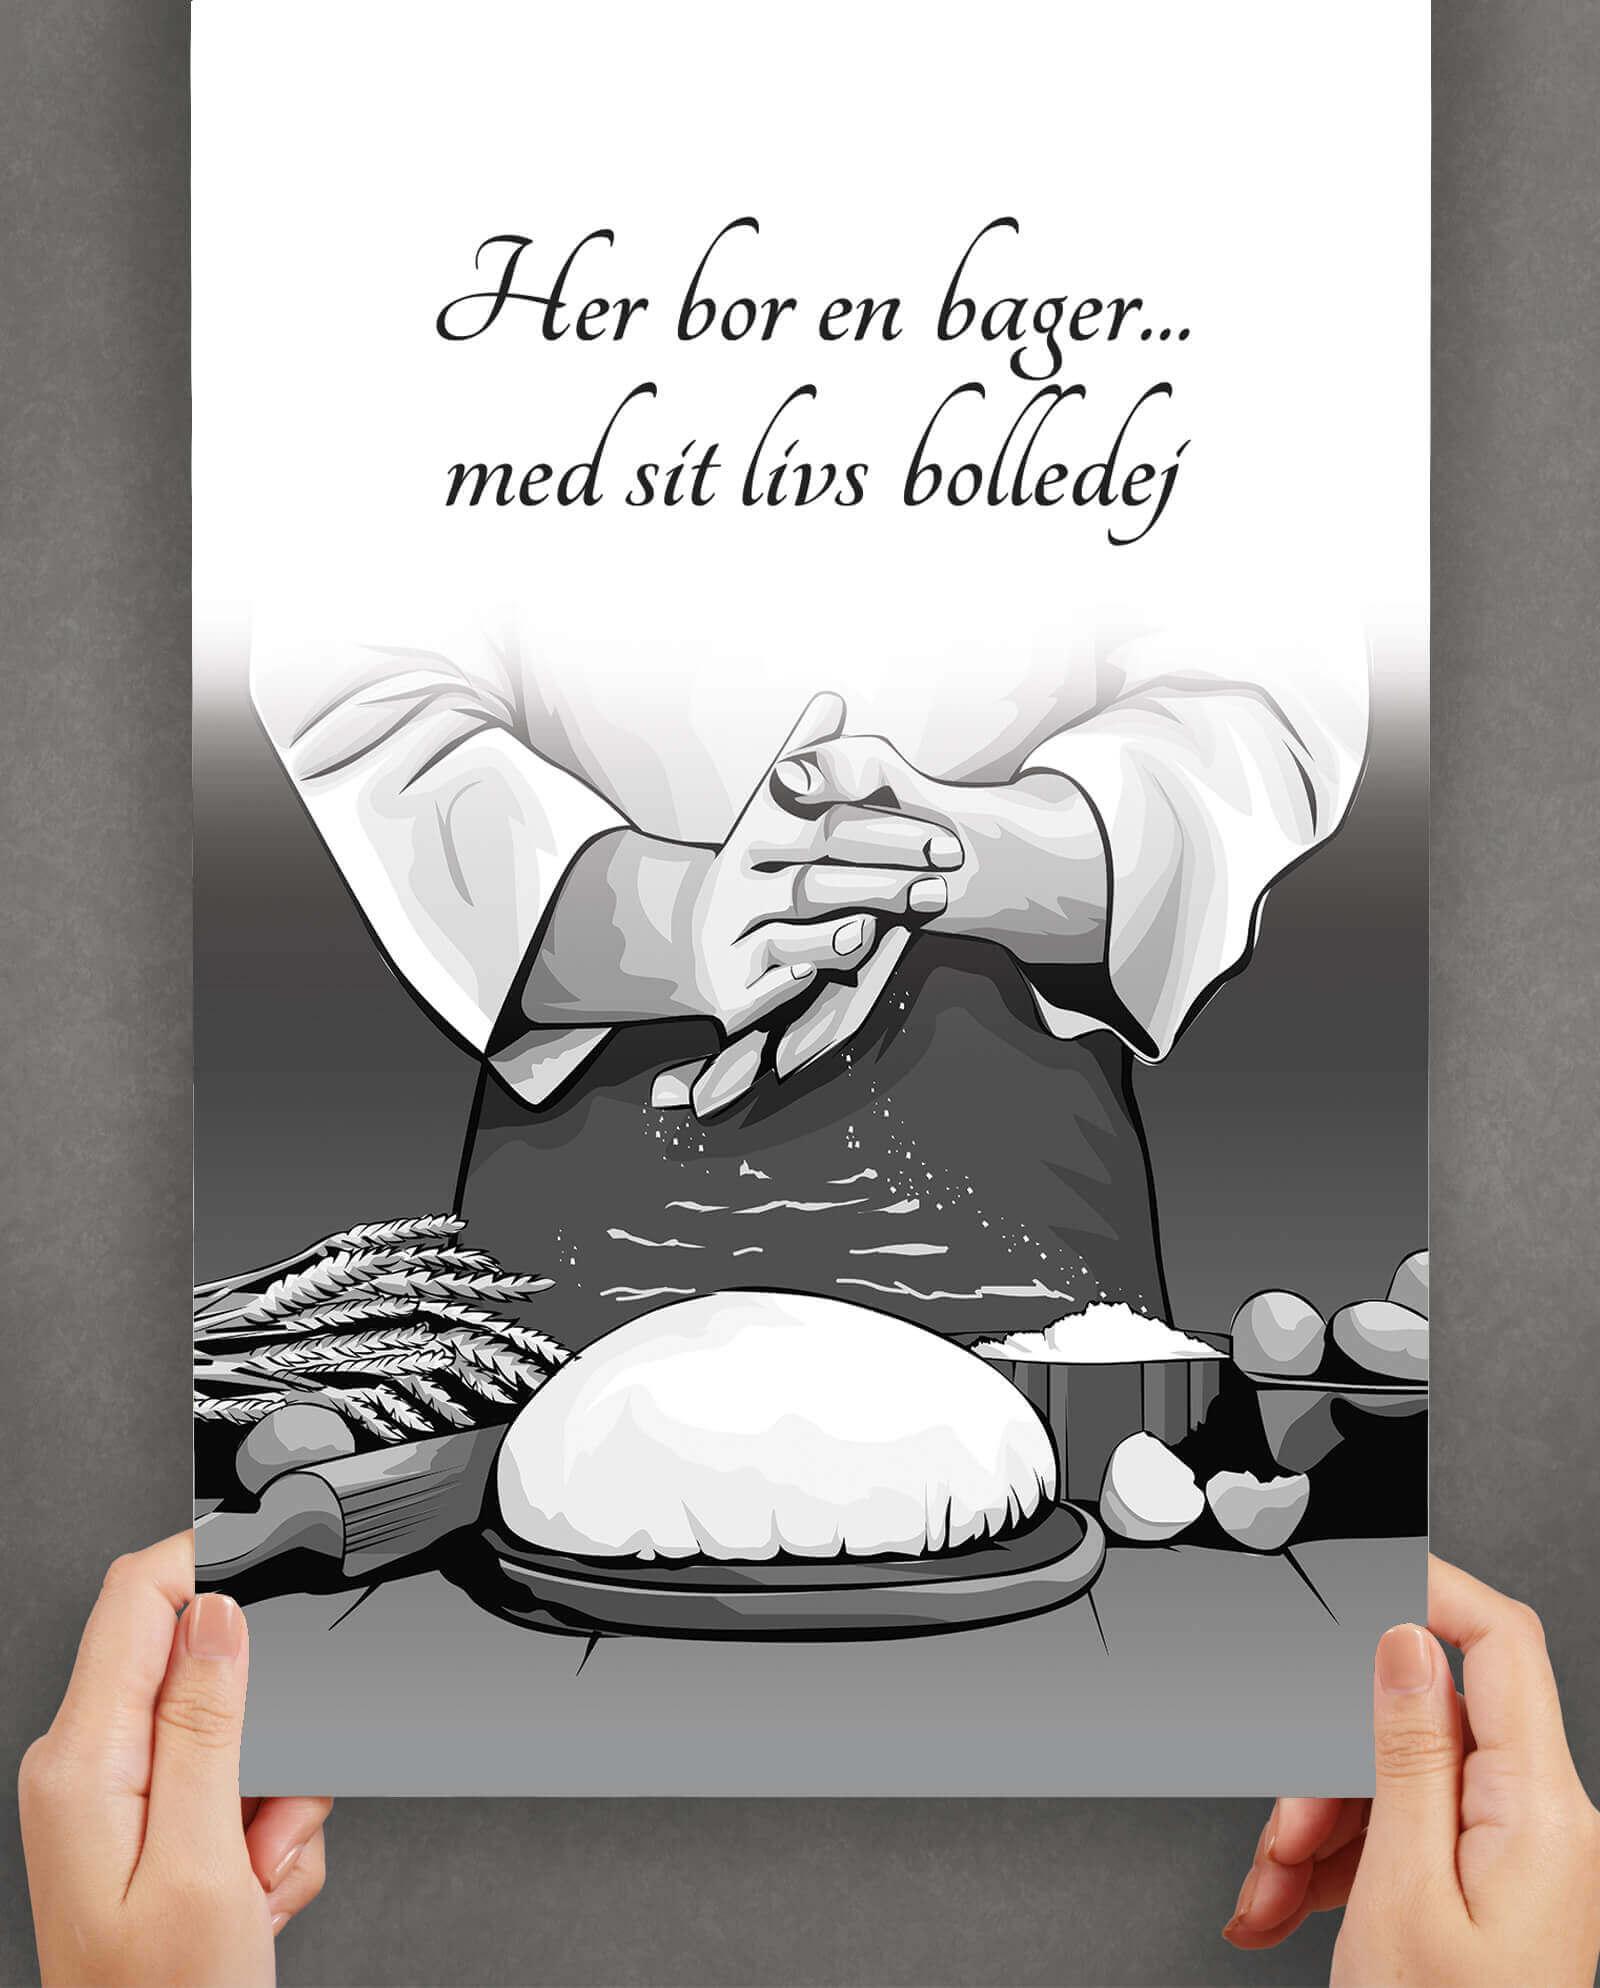 Her-bor-en-bager